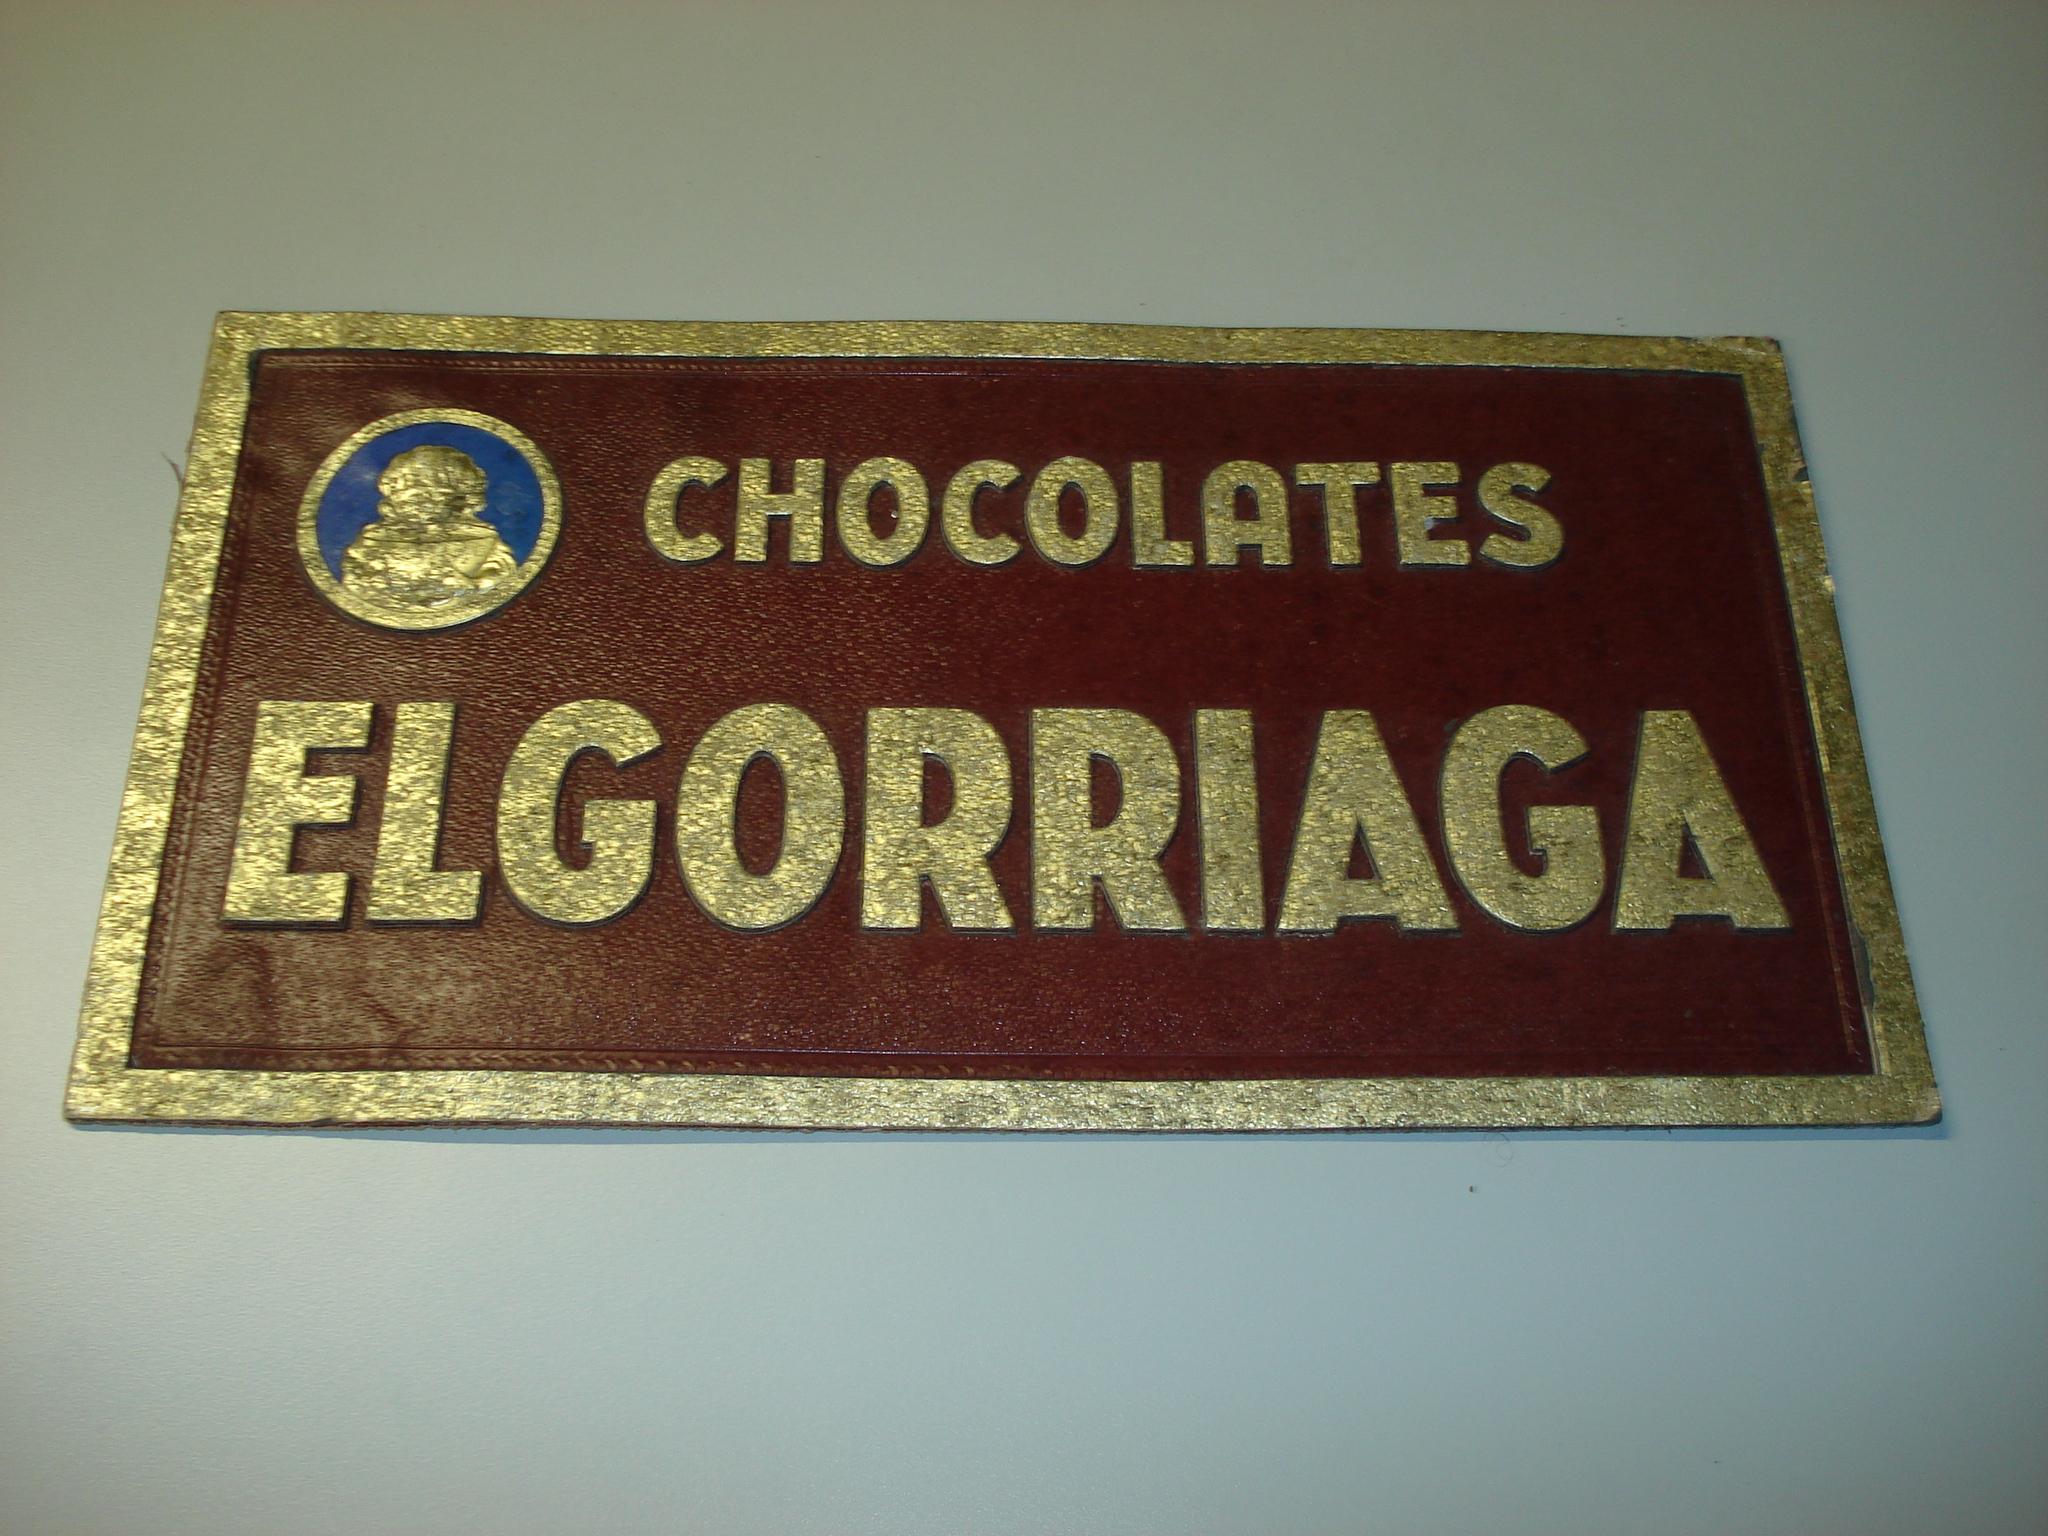 Cartel Publicitario CHOCOLATES ELGORRIAGA